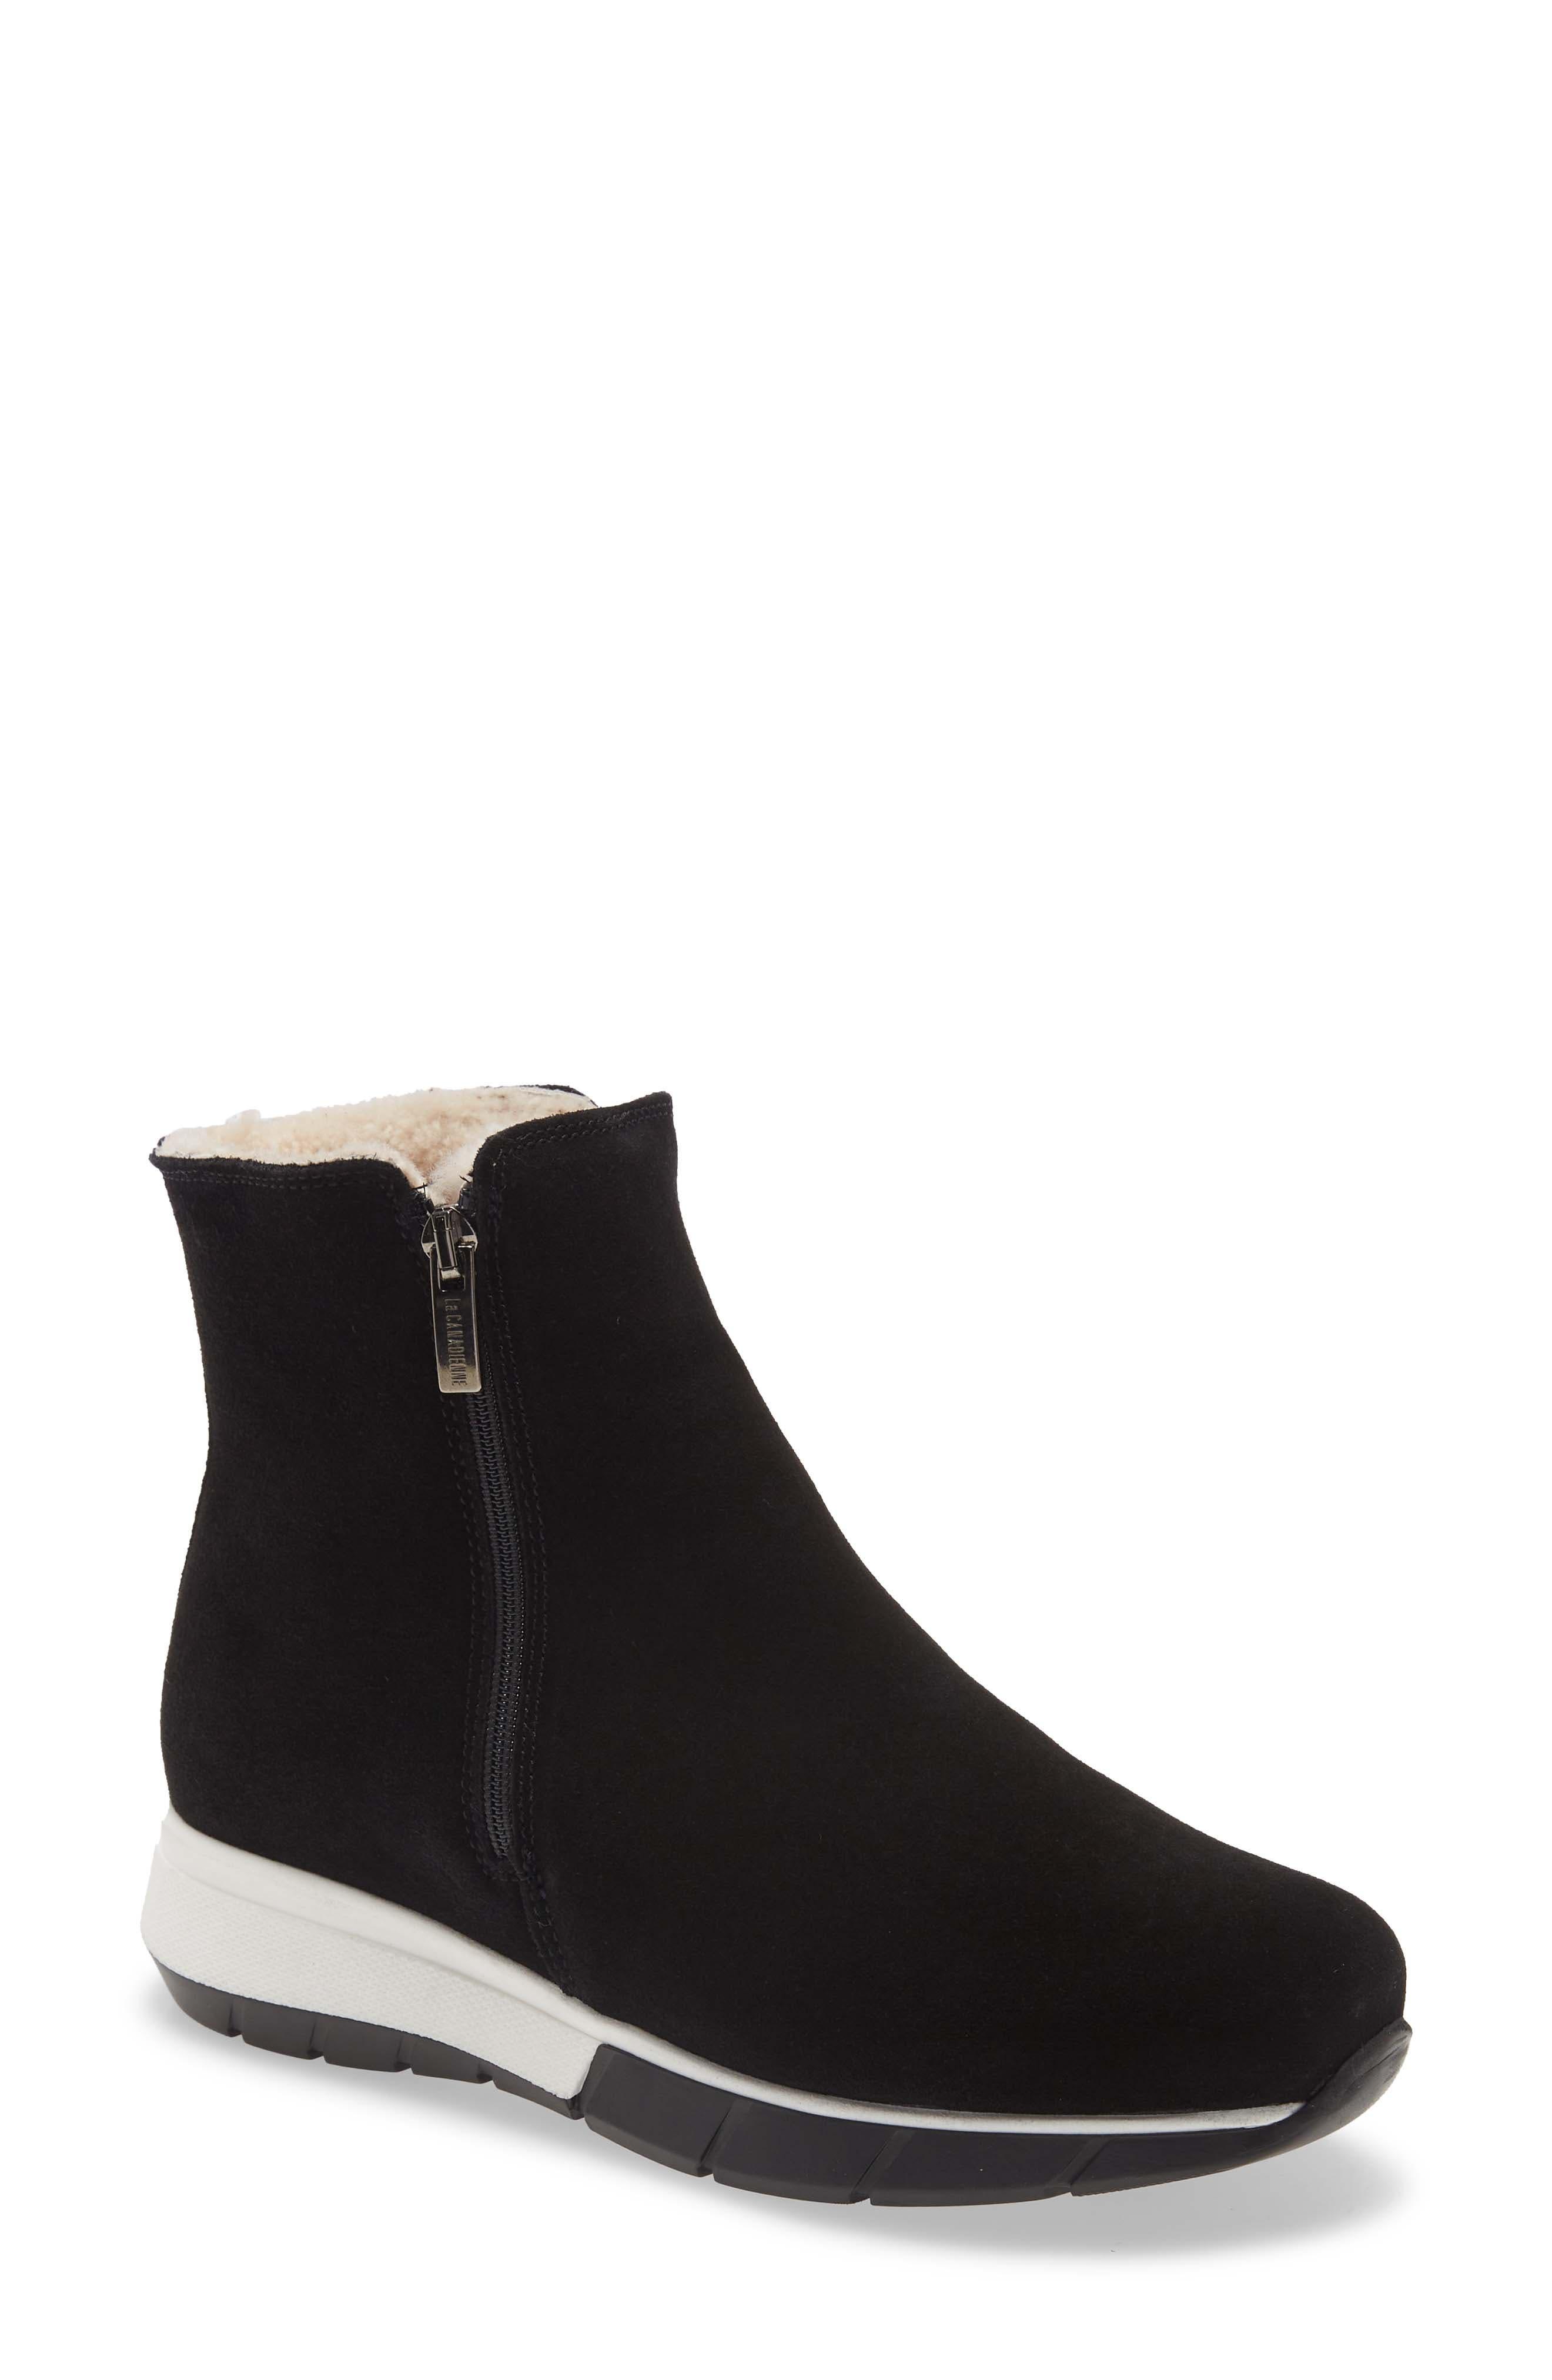 Nikola Wedge Sneaker Boot